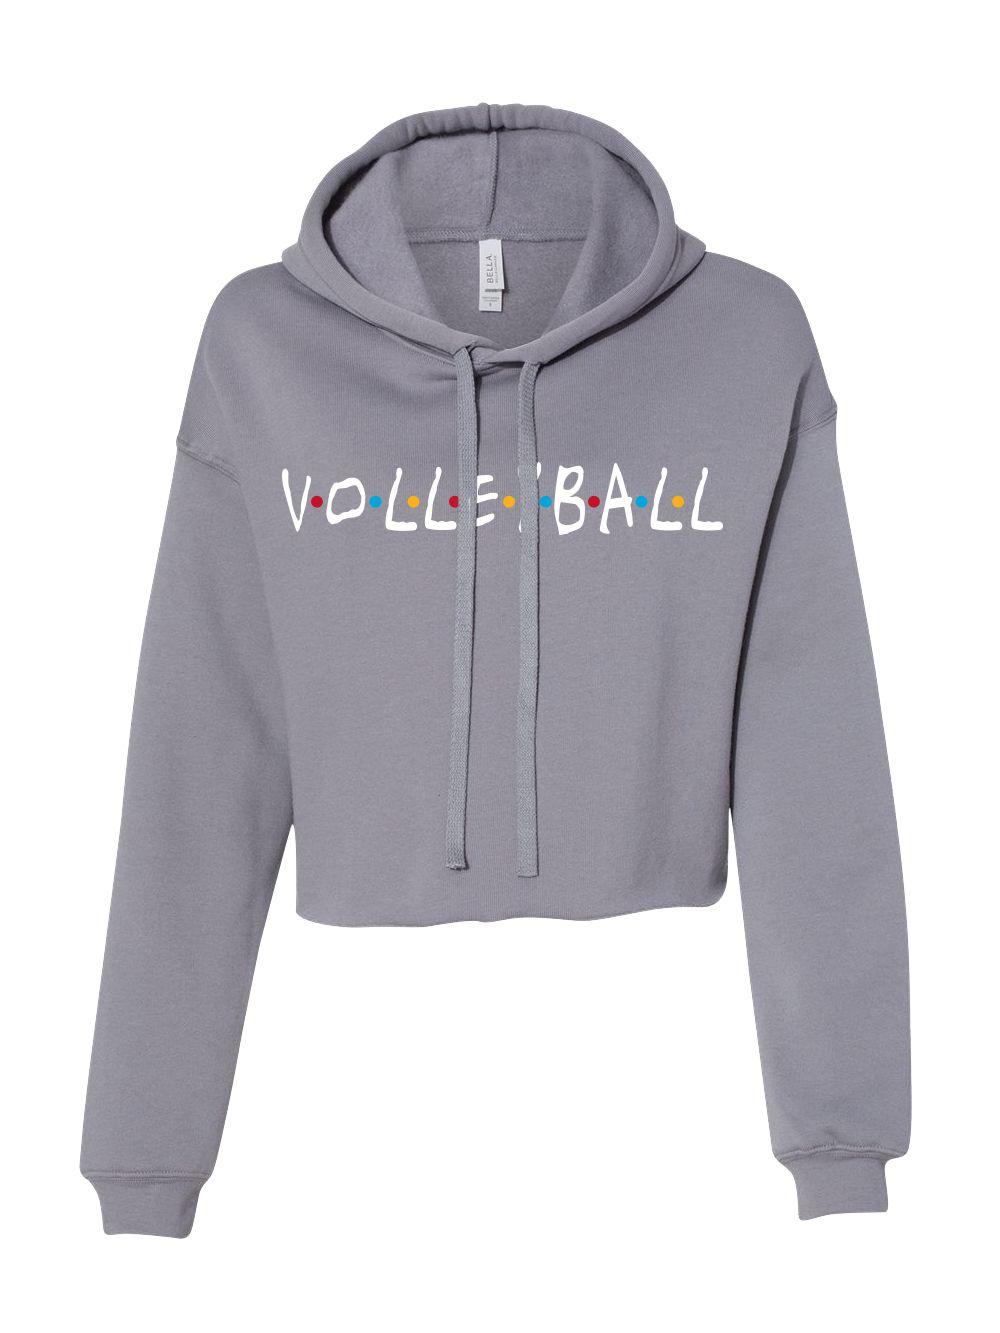 Friends Crop Hoodie Midwest Volleyball Warehouse Volleyball Outfits Volleyball Hoodie Volleyball Sweatshirts